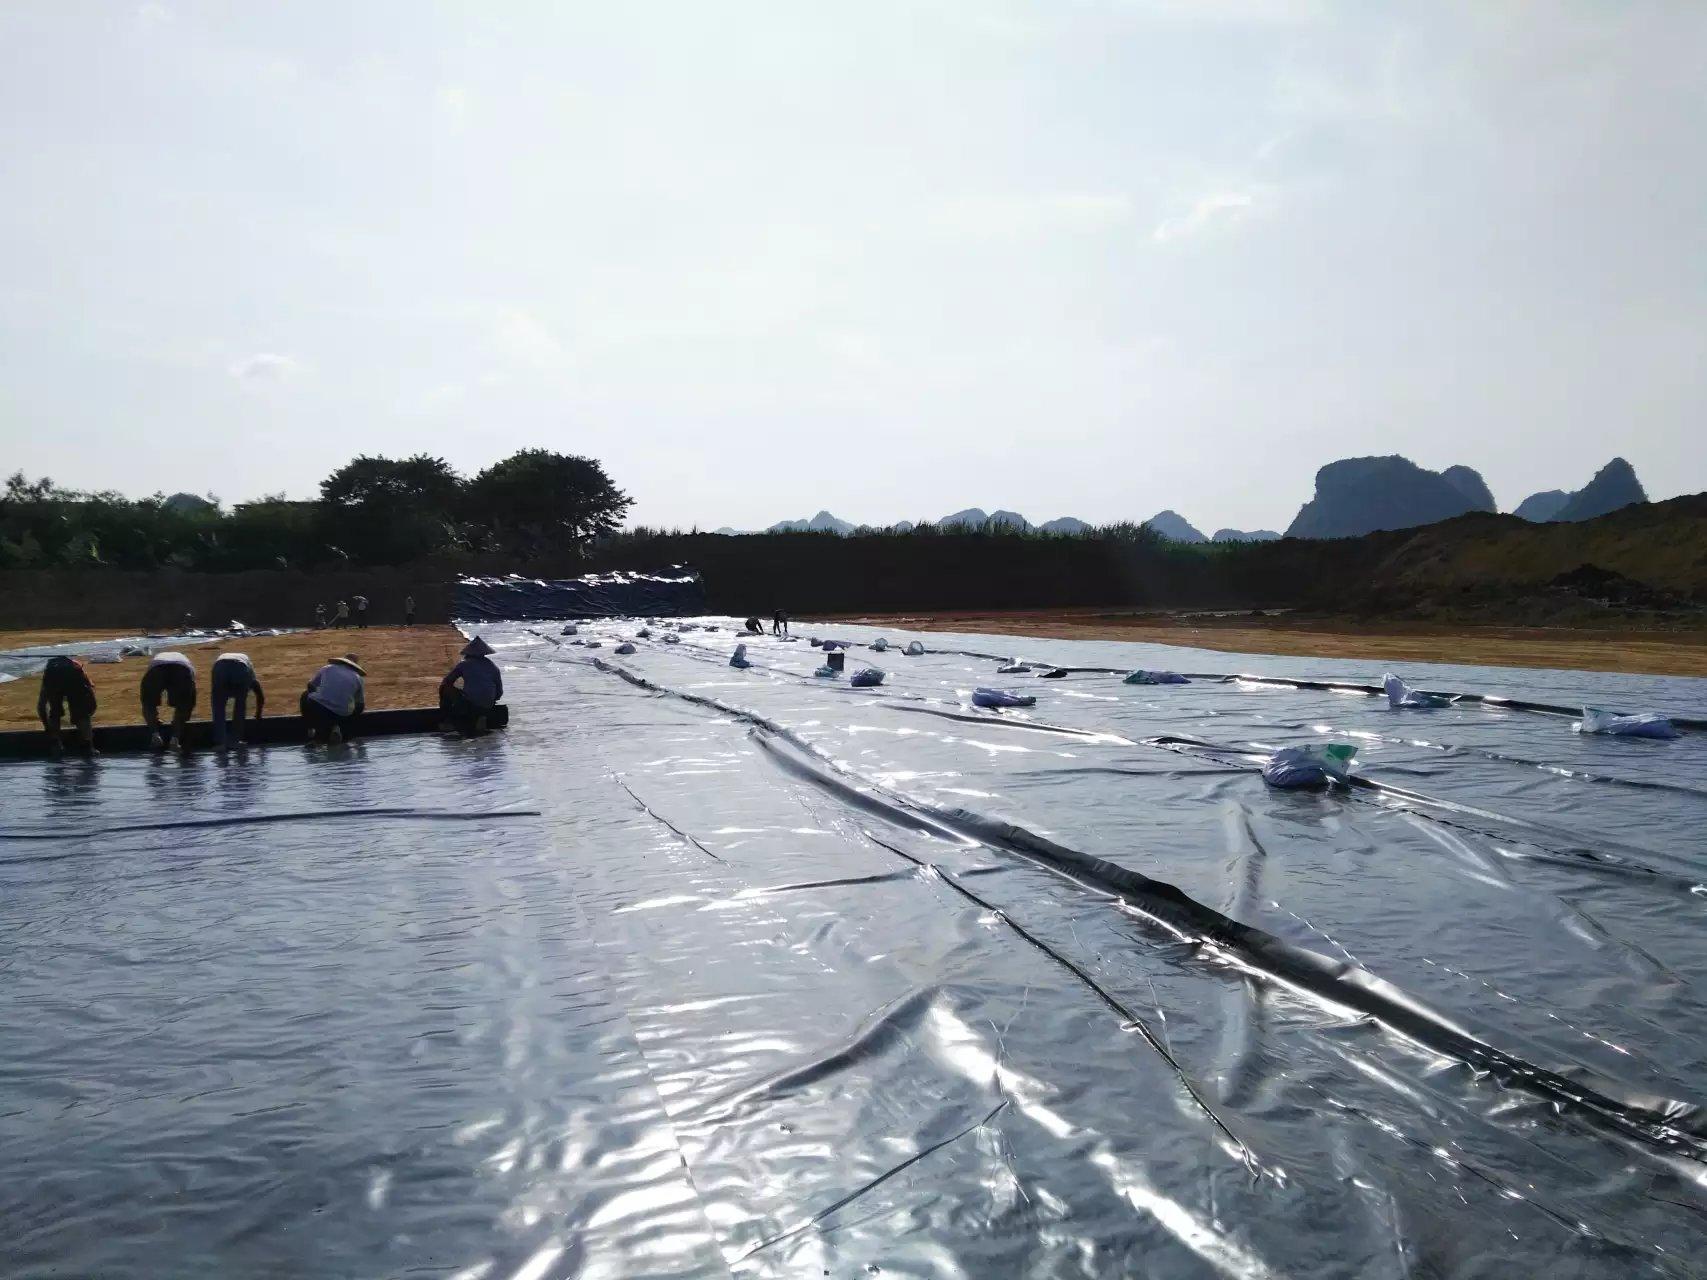 广西自治区鱼类养殖基地防渗膜铺设工程  养殖防渗膜 第4张